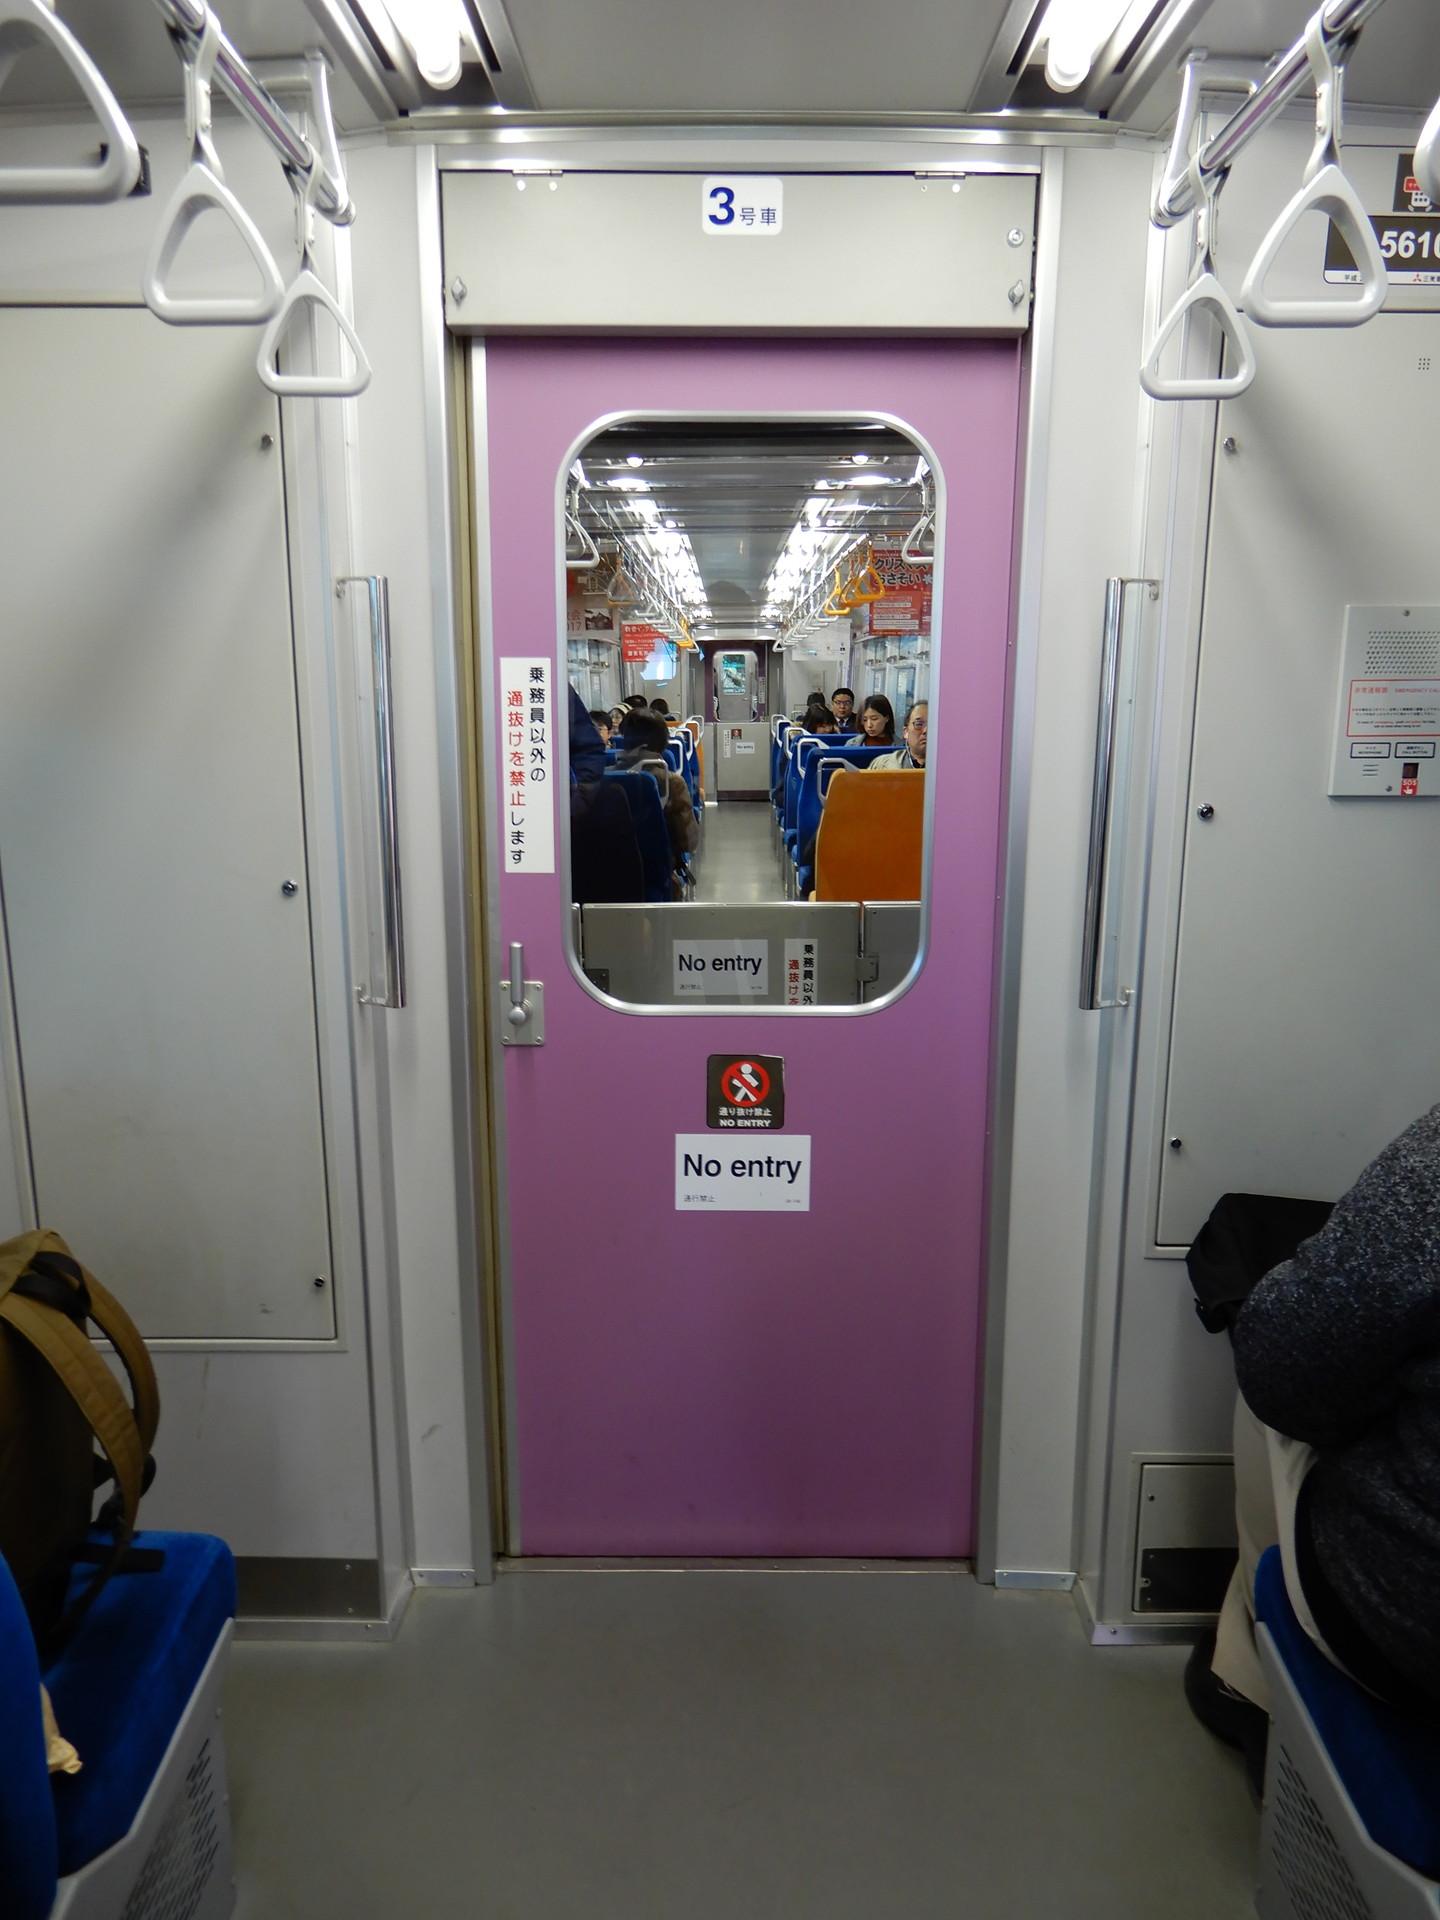 紫色の貫通扉